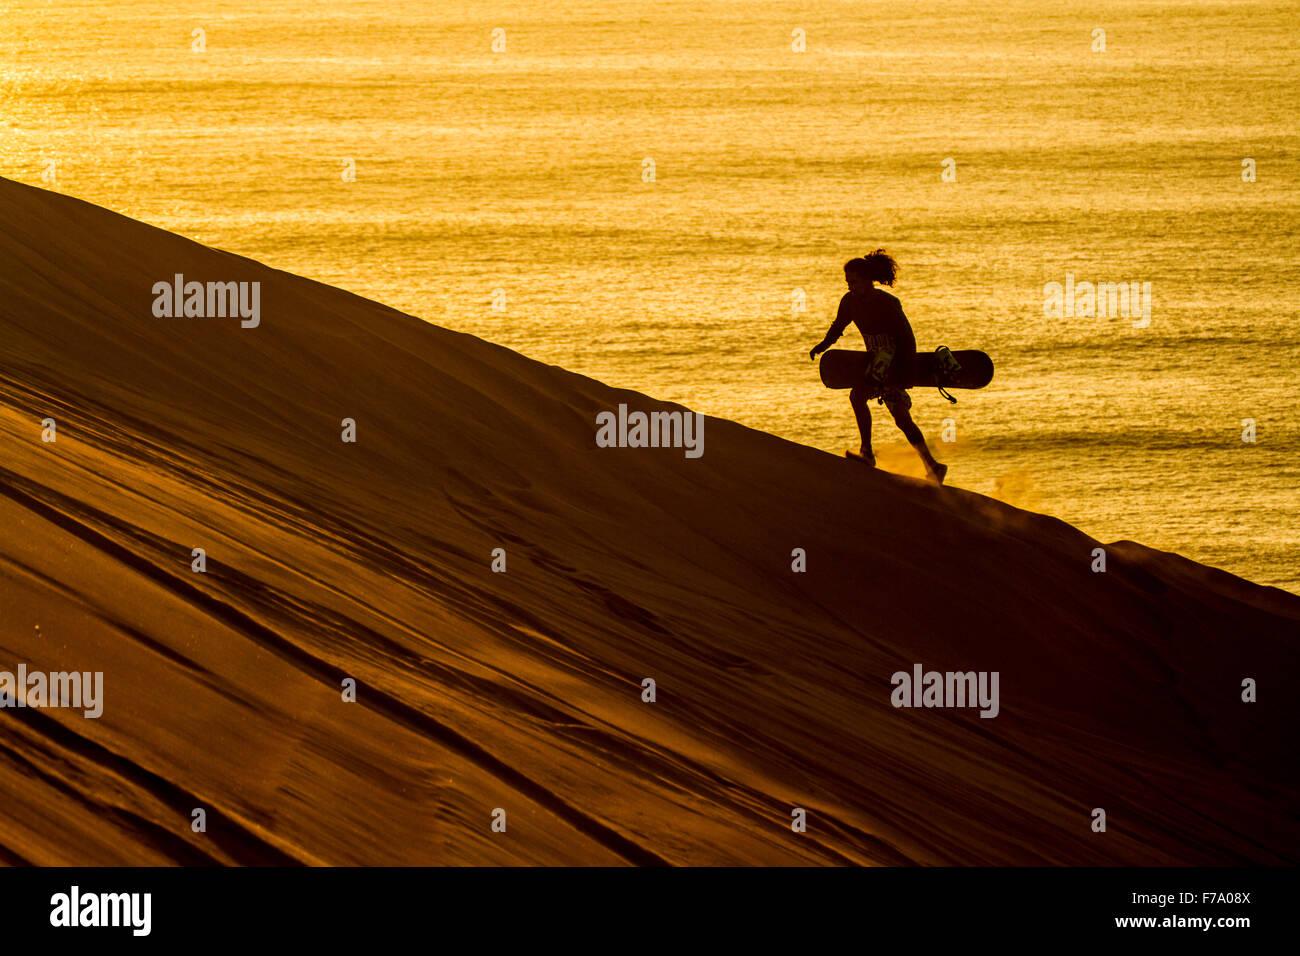 Silhouette di un sandboarder passeggiate al tramonto in Cerro Dragon, una duna di sabbia situato vicino alla città Immagini Stock